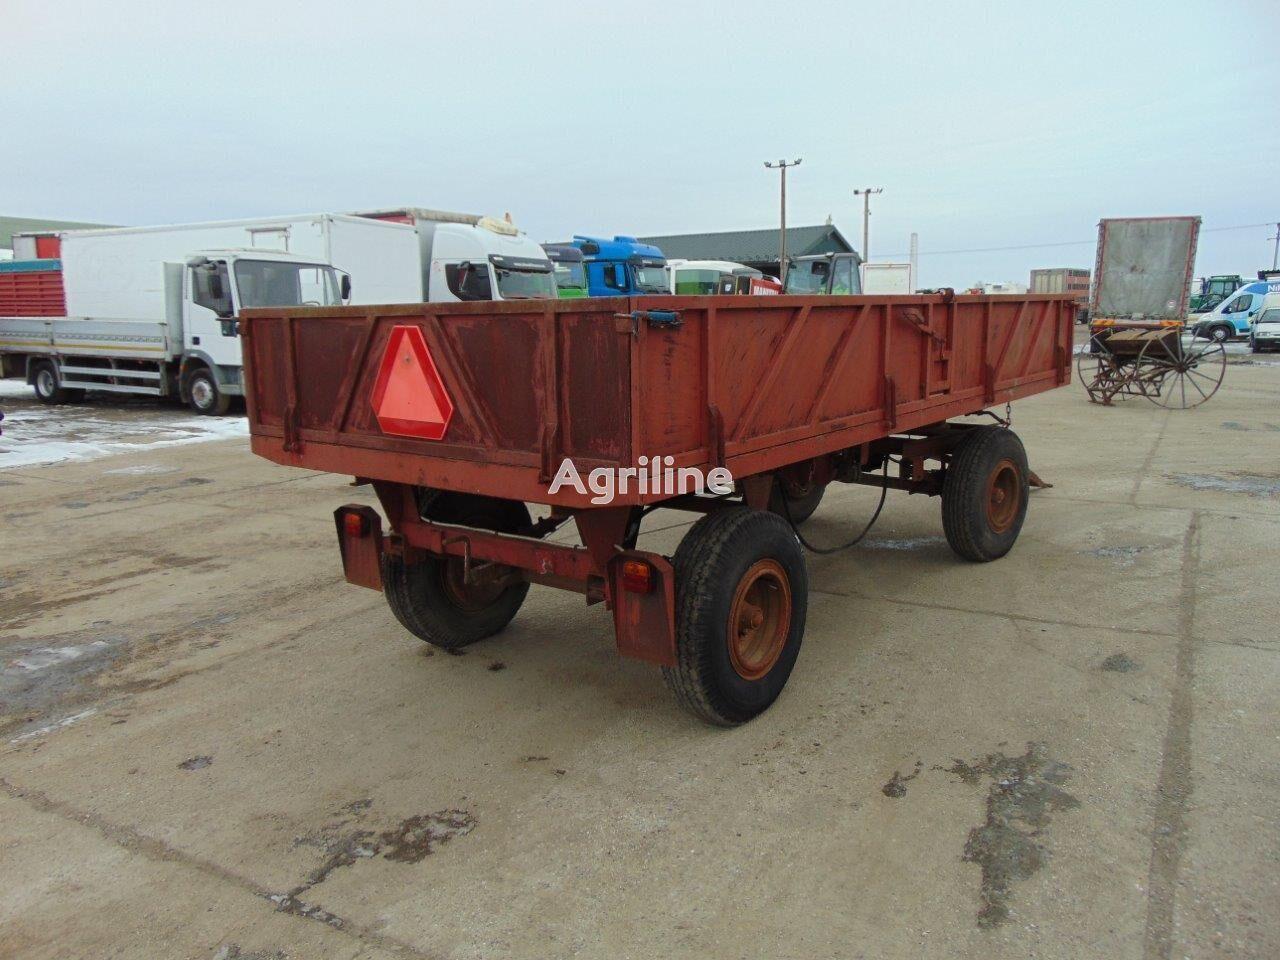 Iná Vlečka za traktor - trojstranný vyklápač remolque agrícola